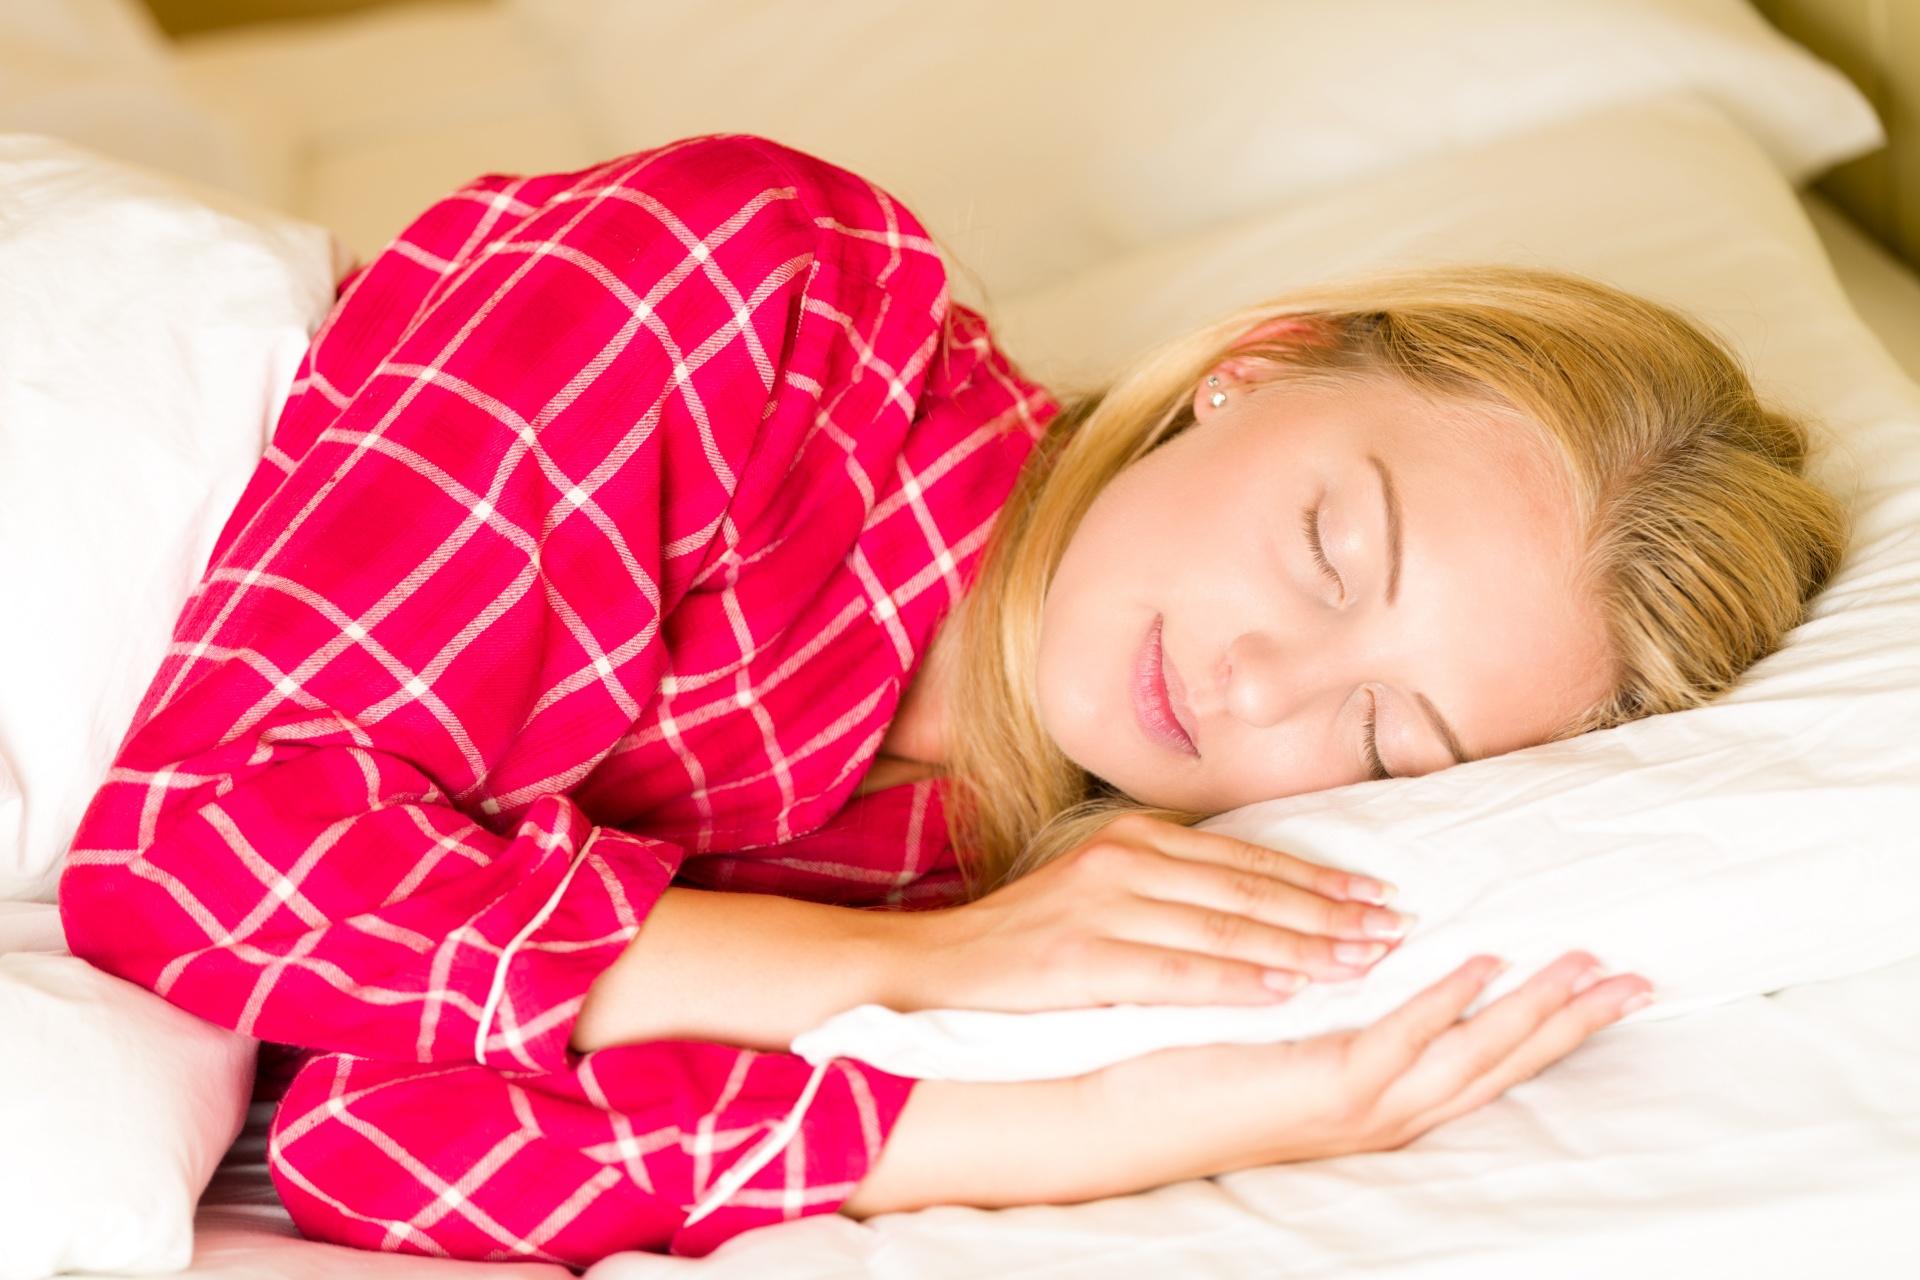 Как организовать время перед сном, чтобы вы уснули и не мучились бессонницей.